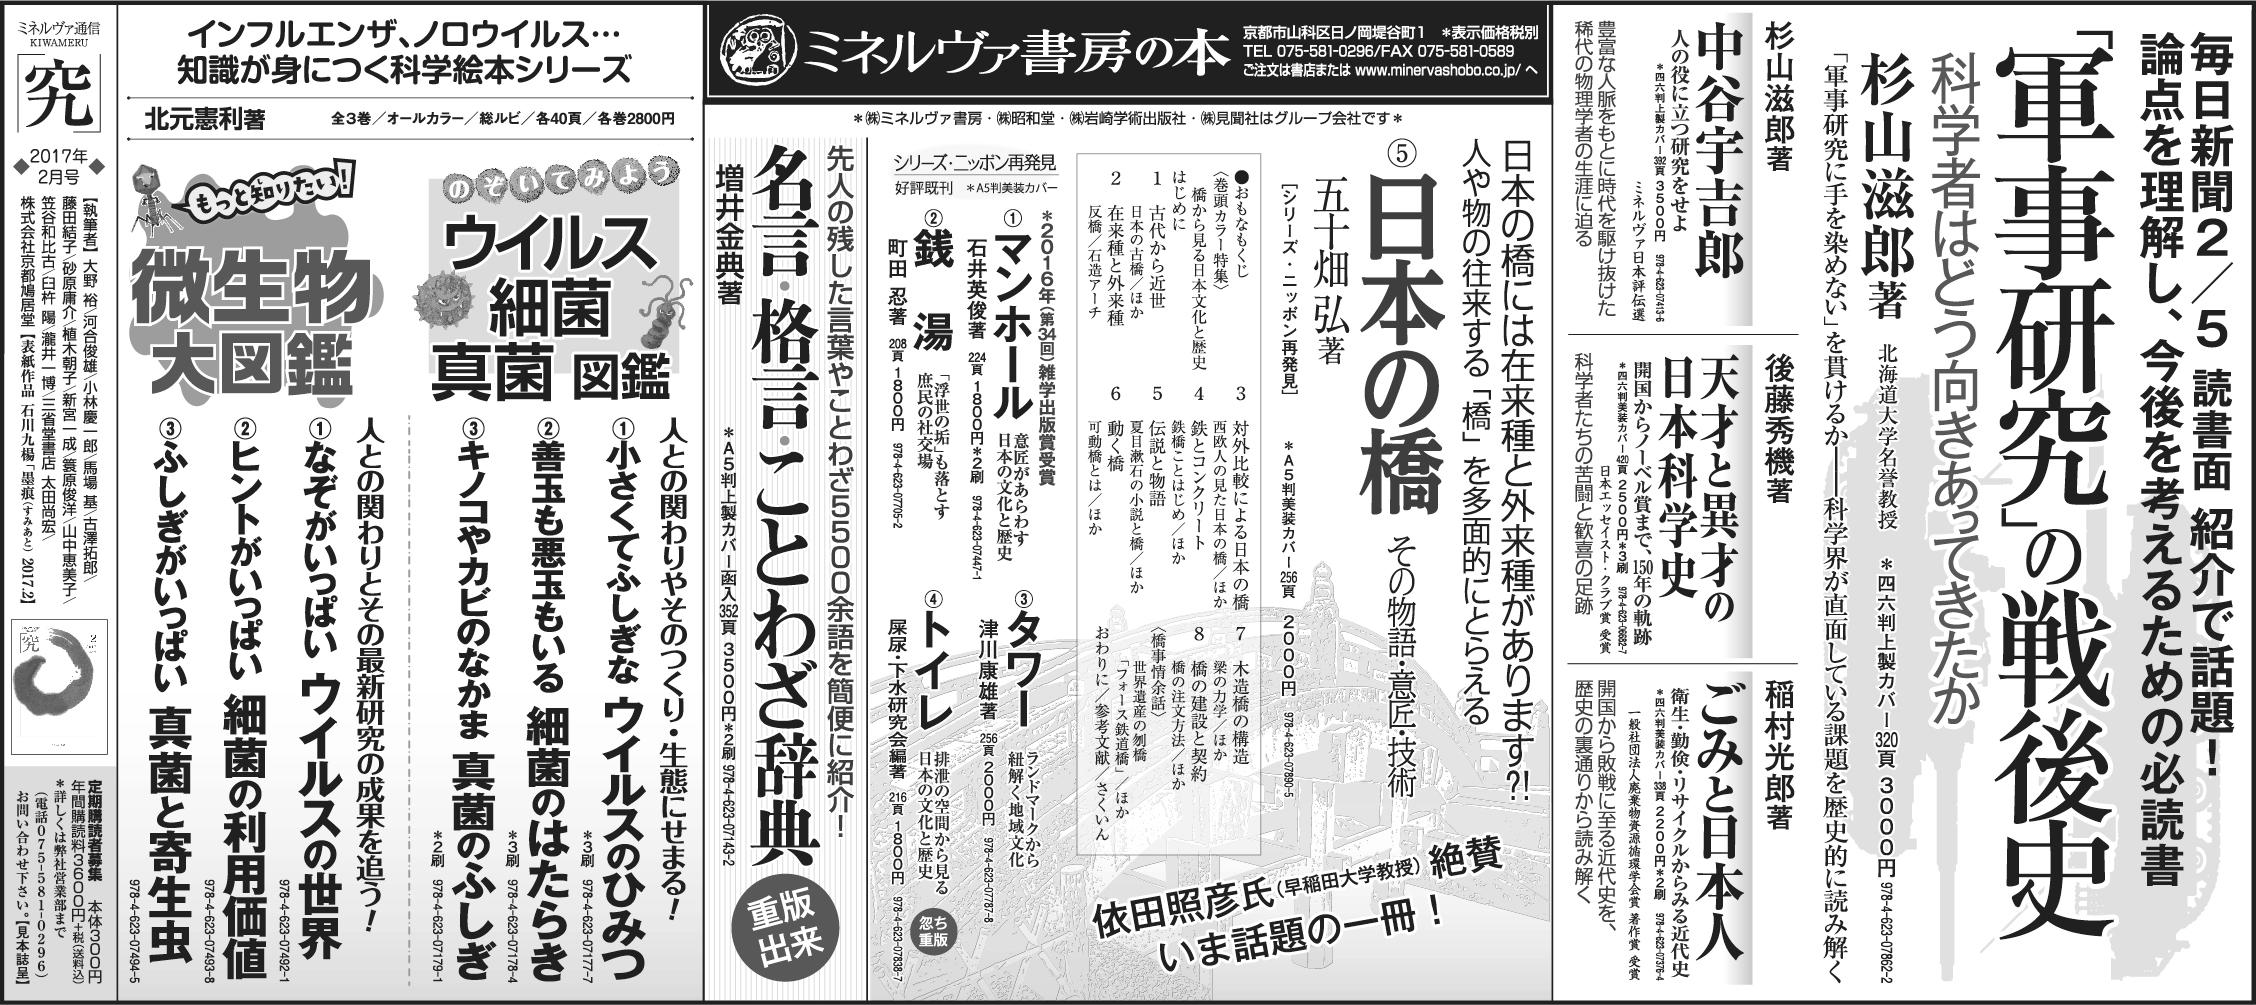 朝日新聞2017年2月12日(読書面)全5段広告